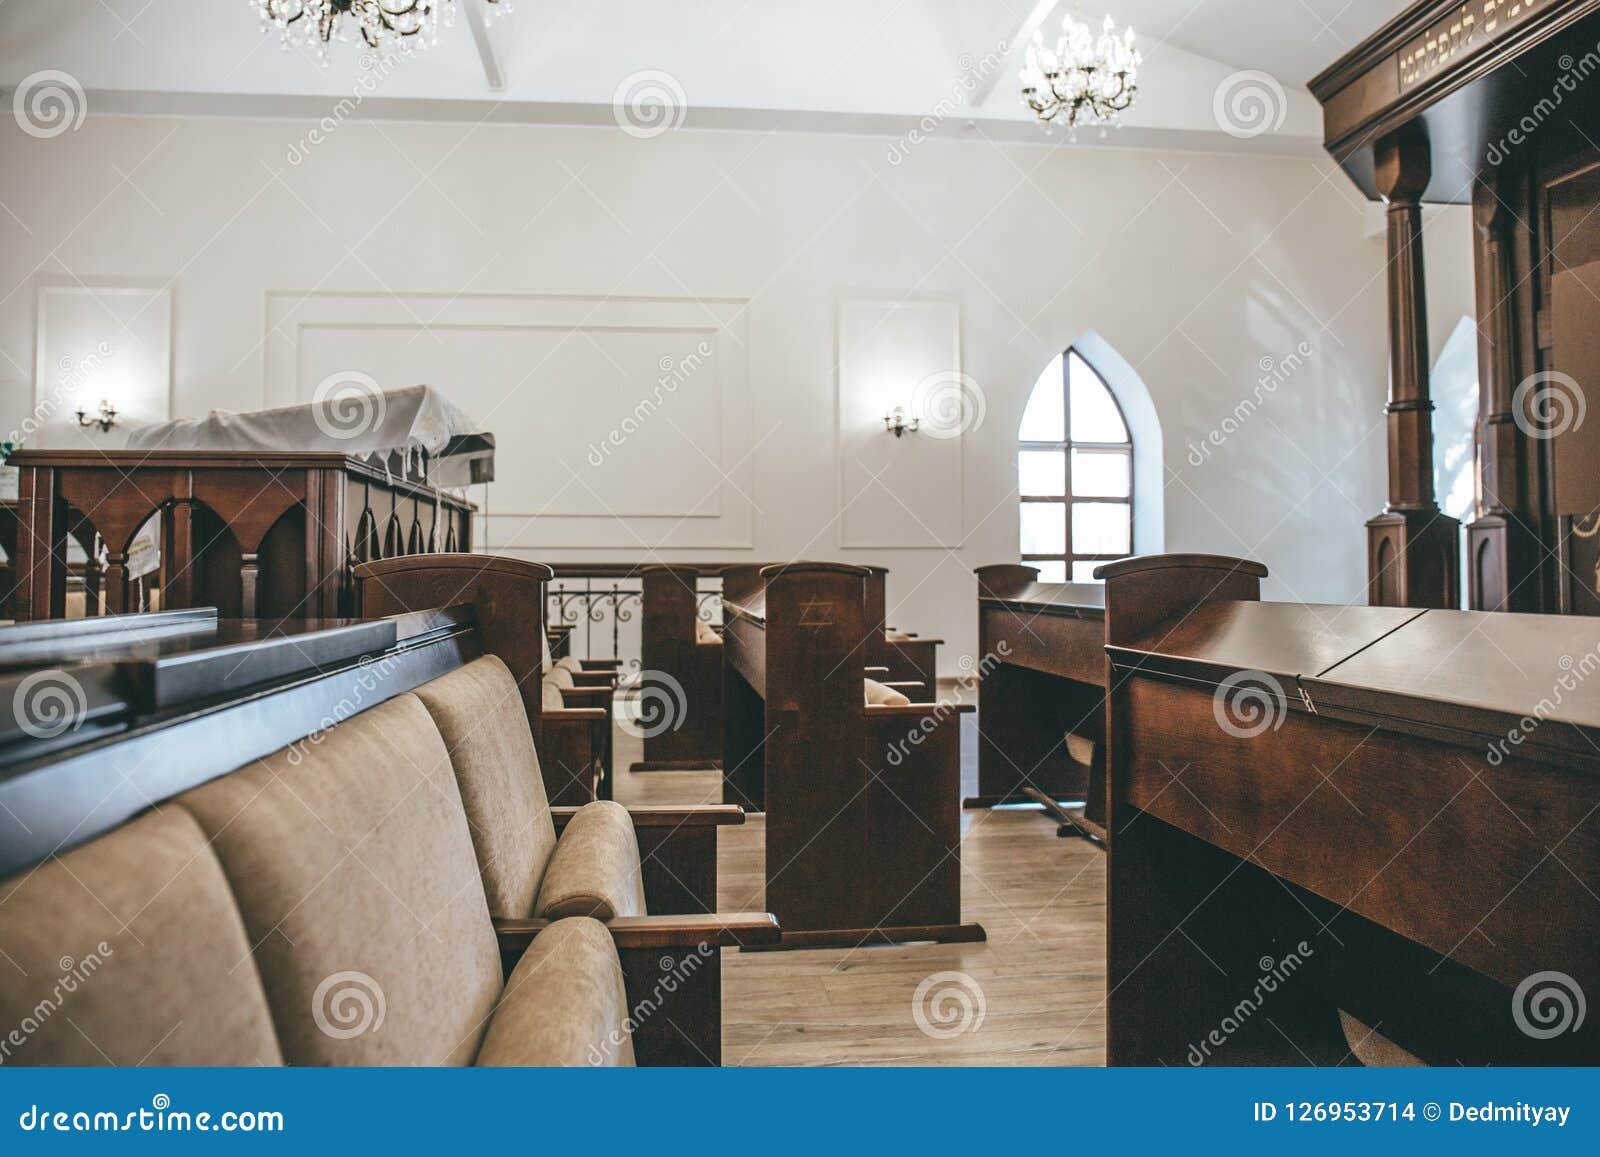 卡卢加州,俄罗斯-大约2018年8月:在内部里面的犹太教堂与长凳行祷告的